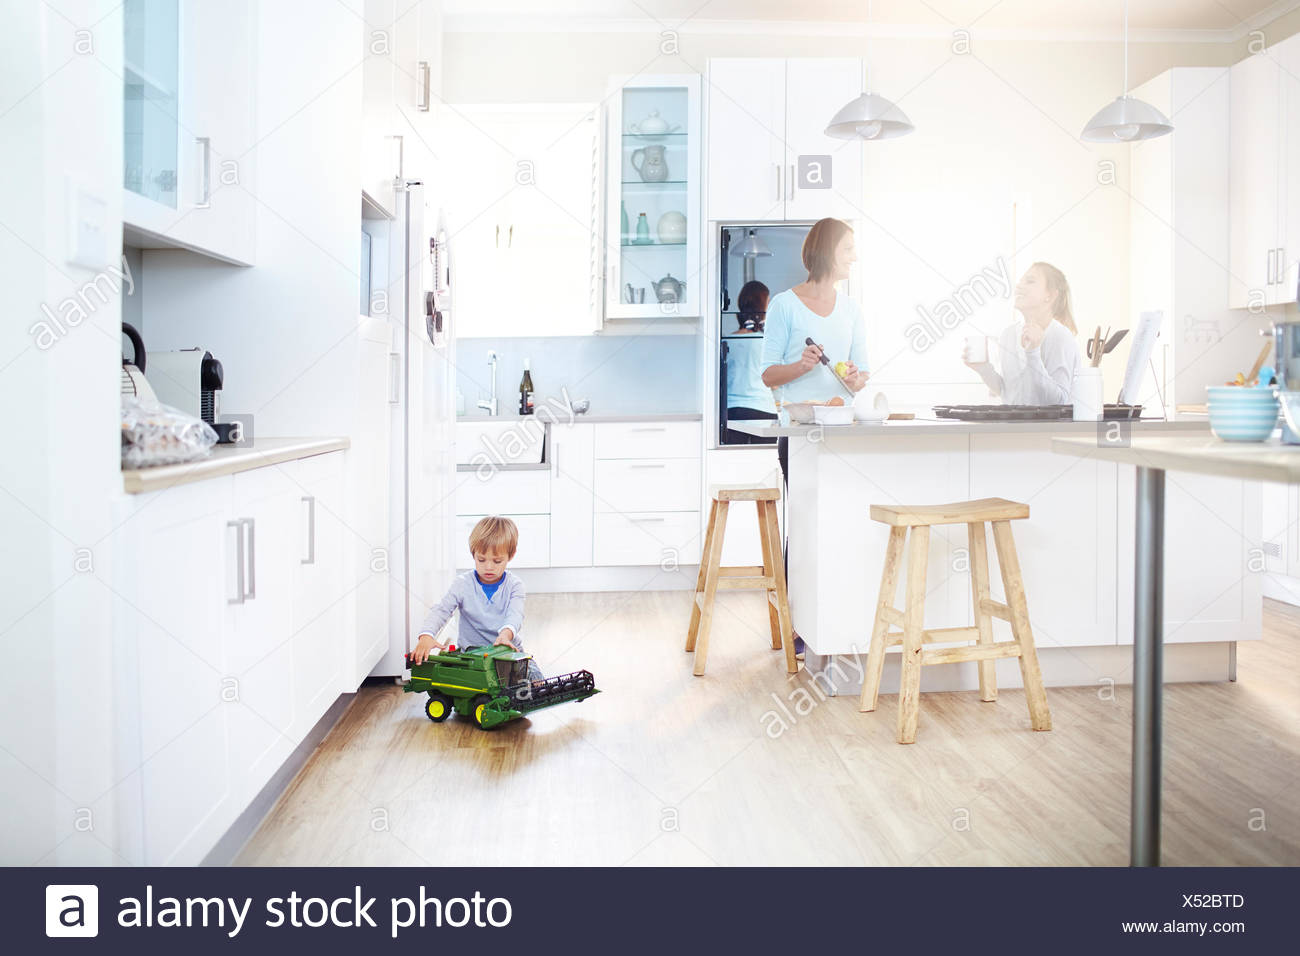 Frauen in Küche kochen, während junge mit Spielzeug-Traktor auf Etage spielt Stockfoto